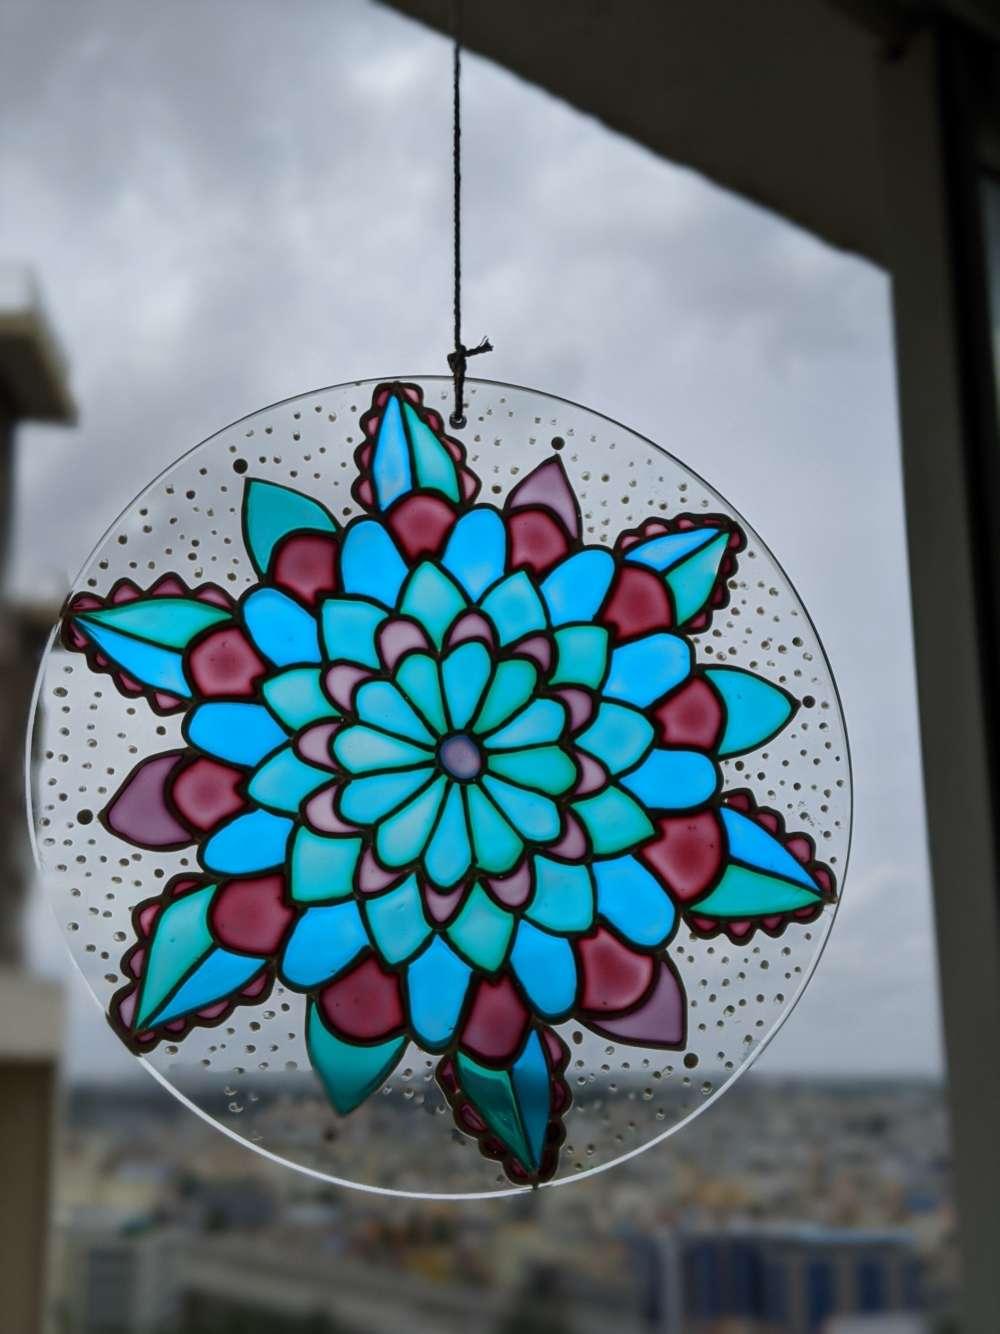 Calm floral suncatcher